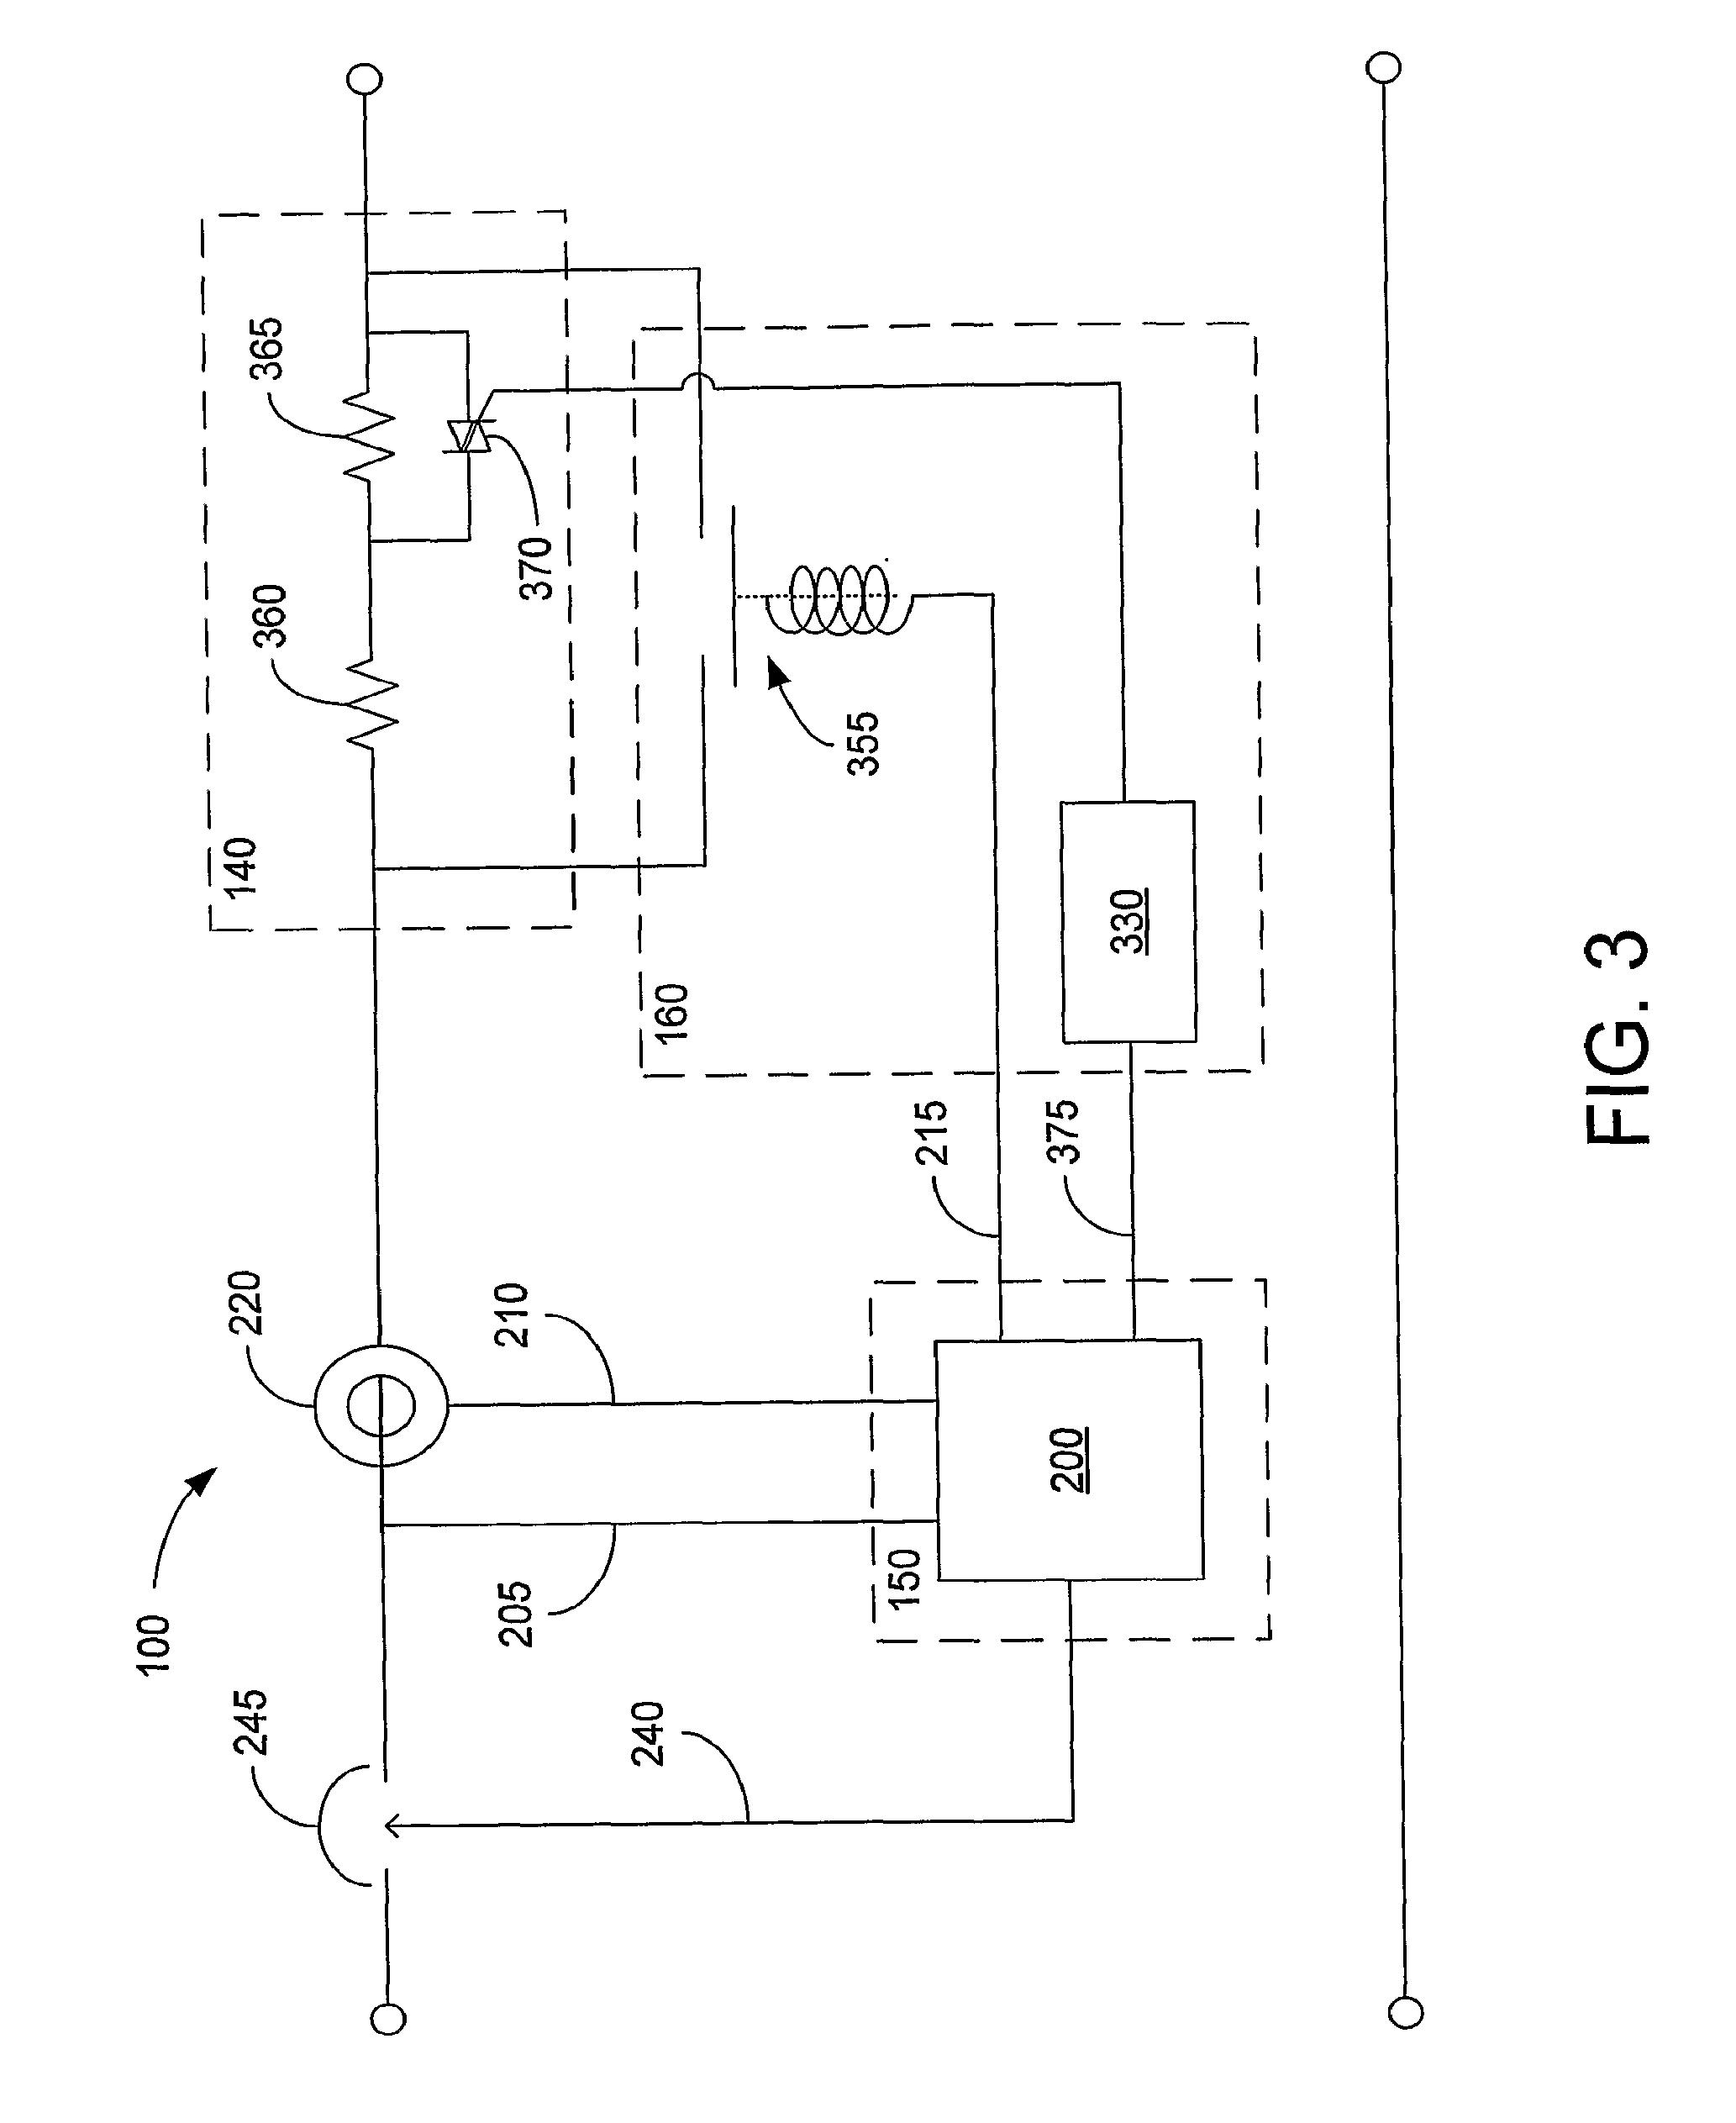 patent us8488285